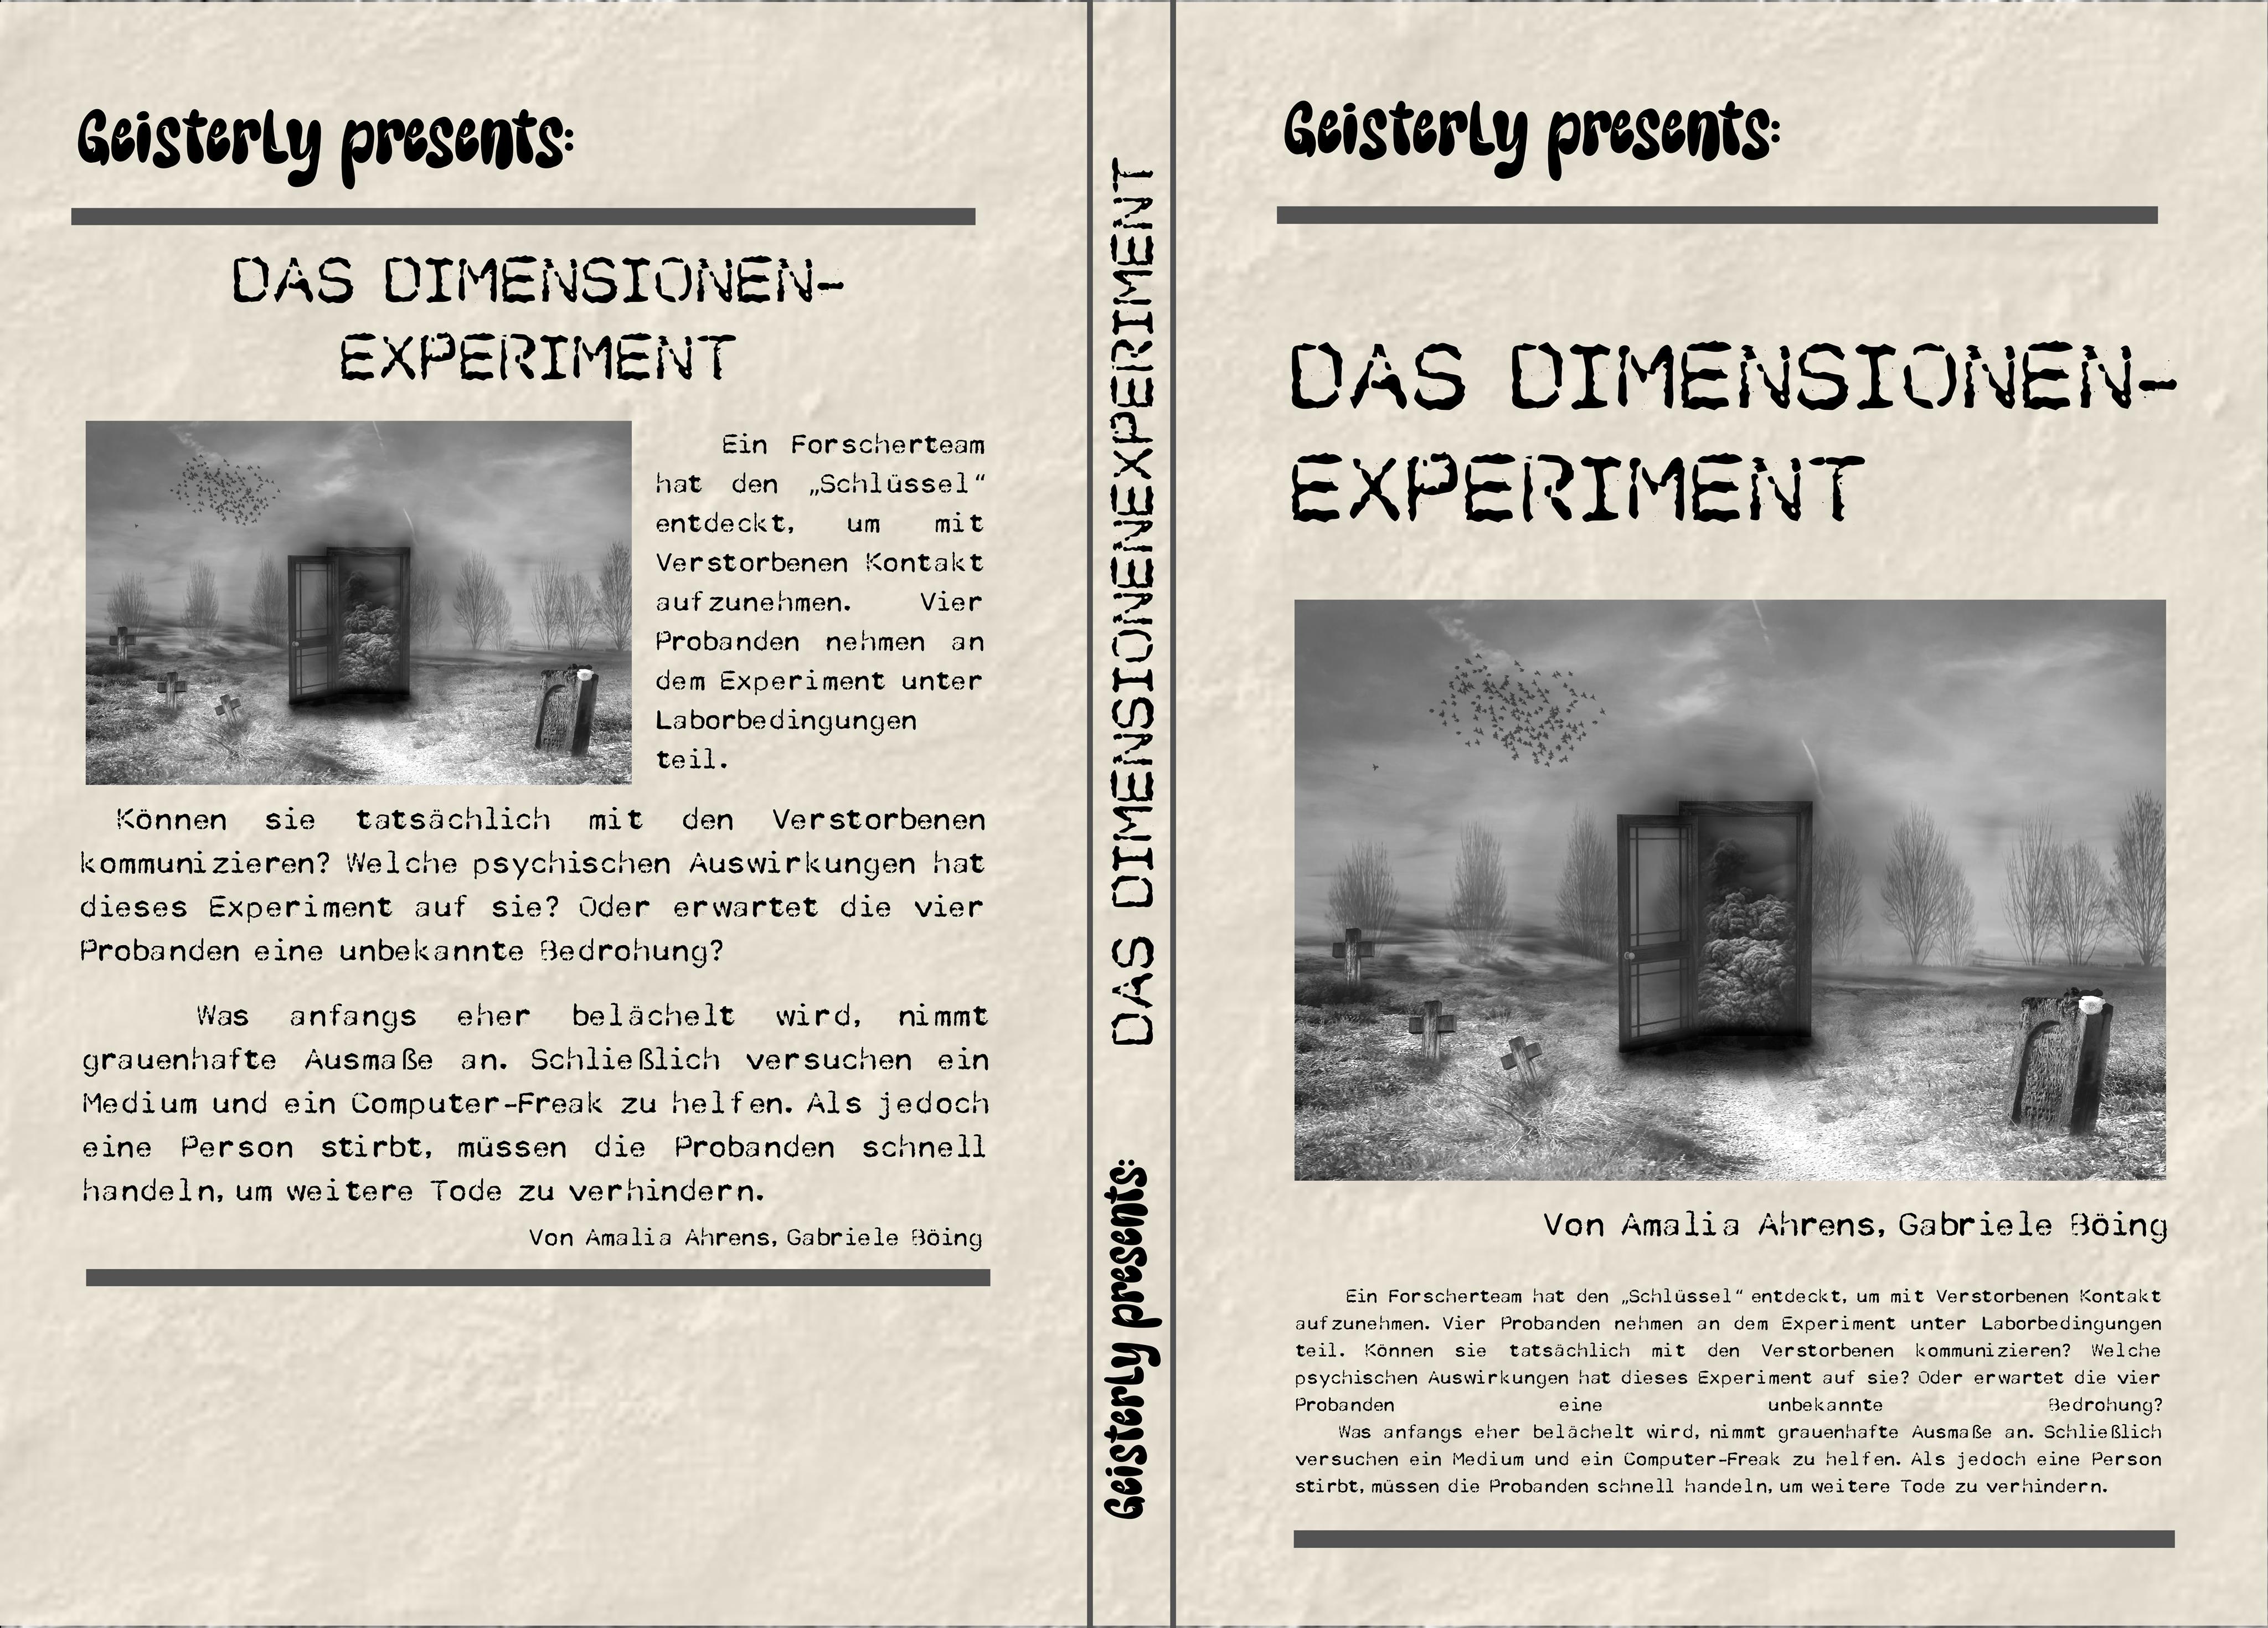 Das Dimensionen-Projekt